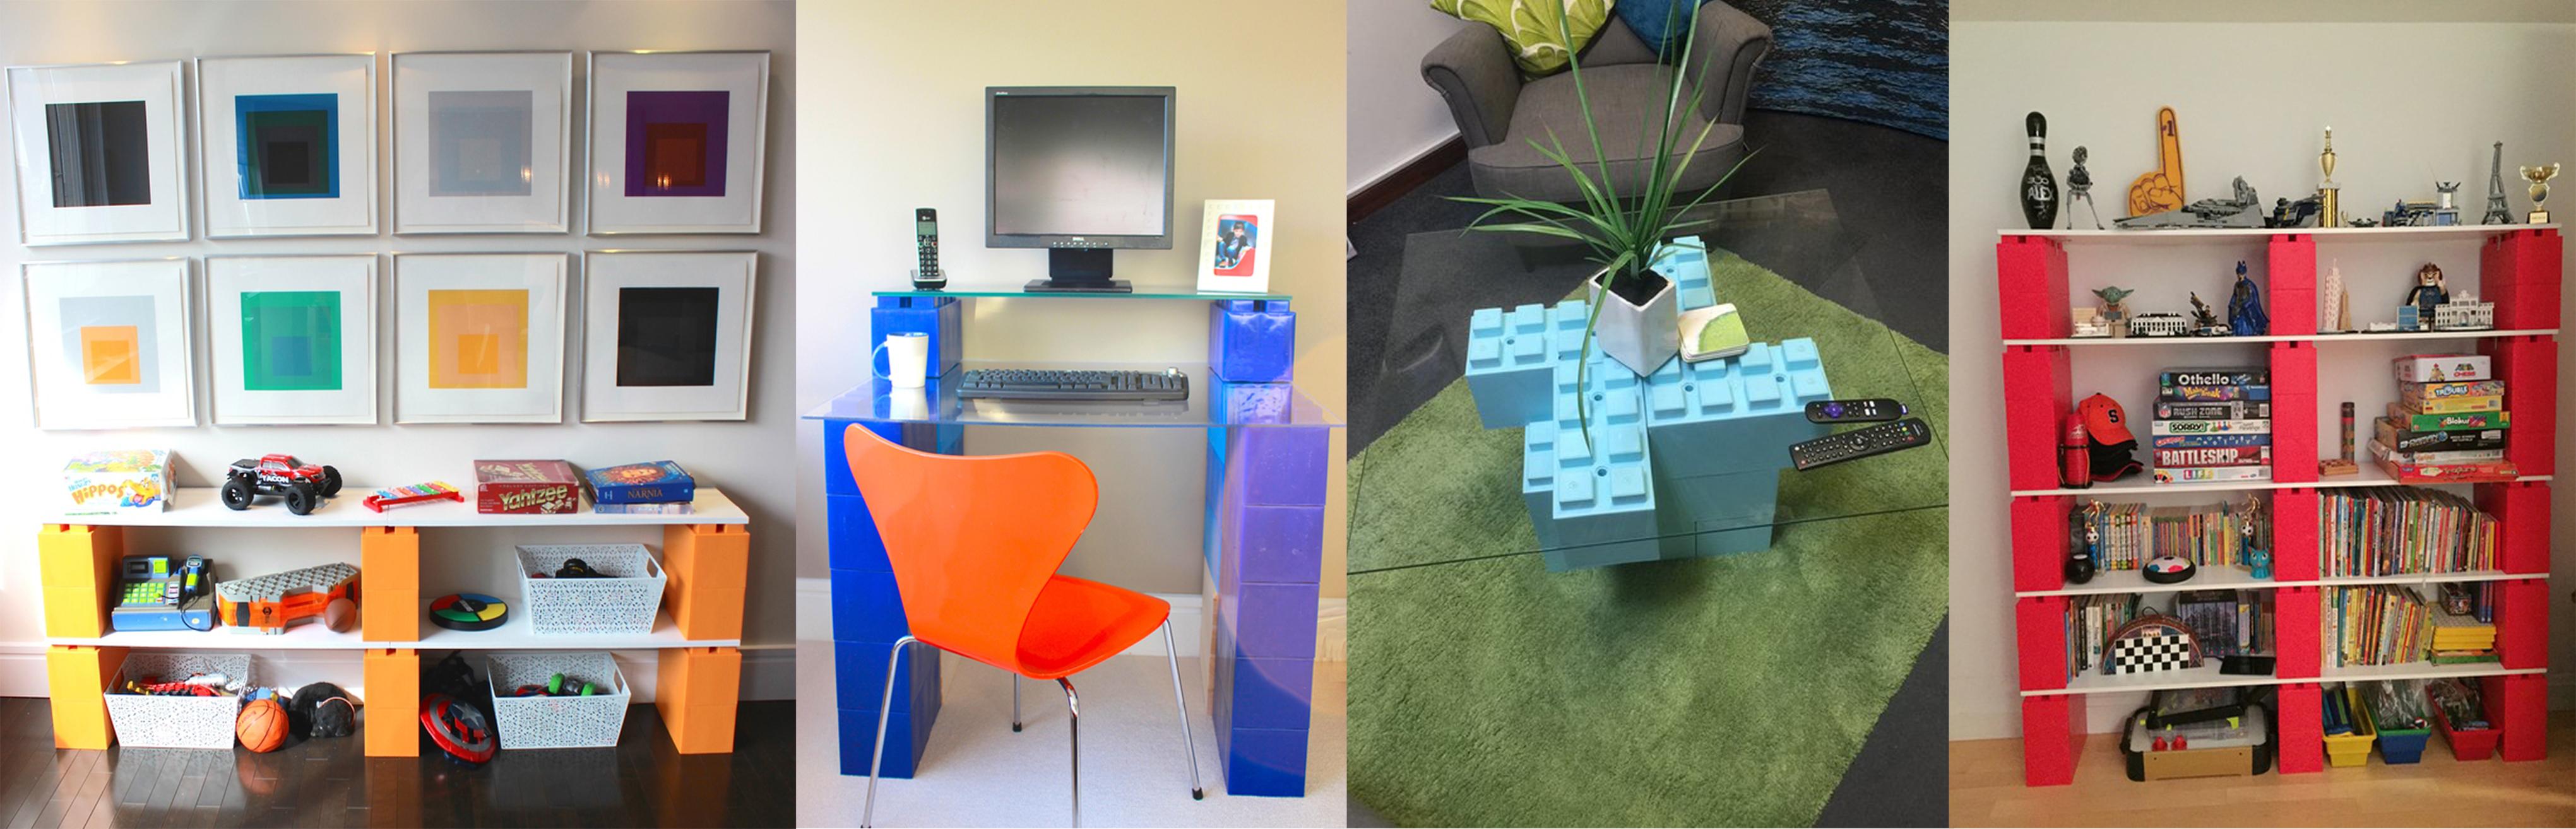 everblock personnalisez votre int rieur avec des lego g ants pigsou mag. Black Bedroom Furniture Sets. Home Design Ideas